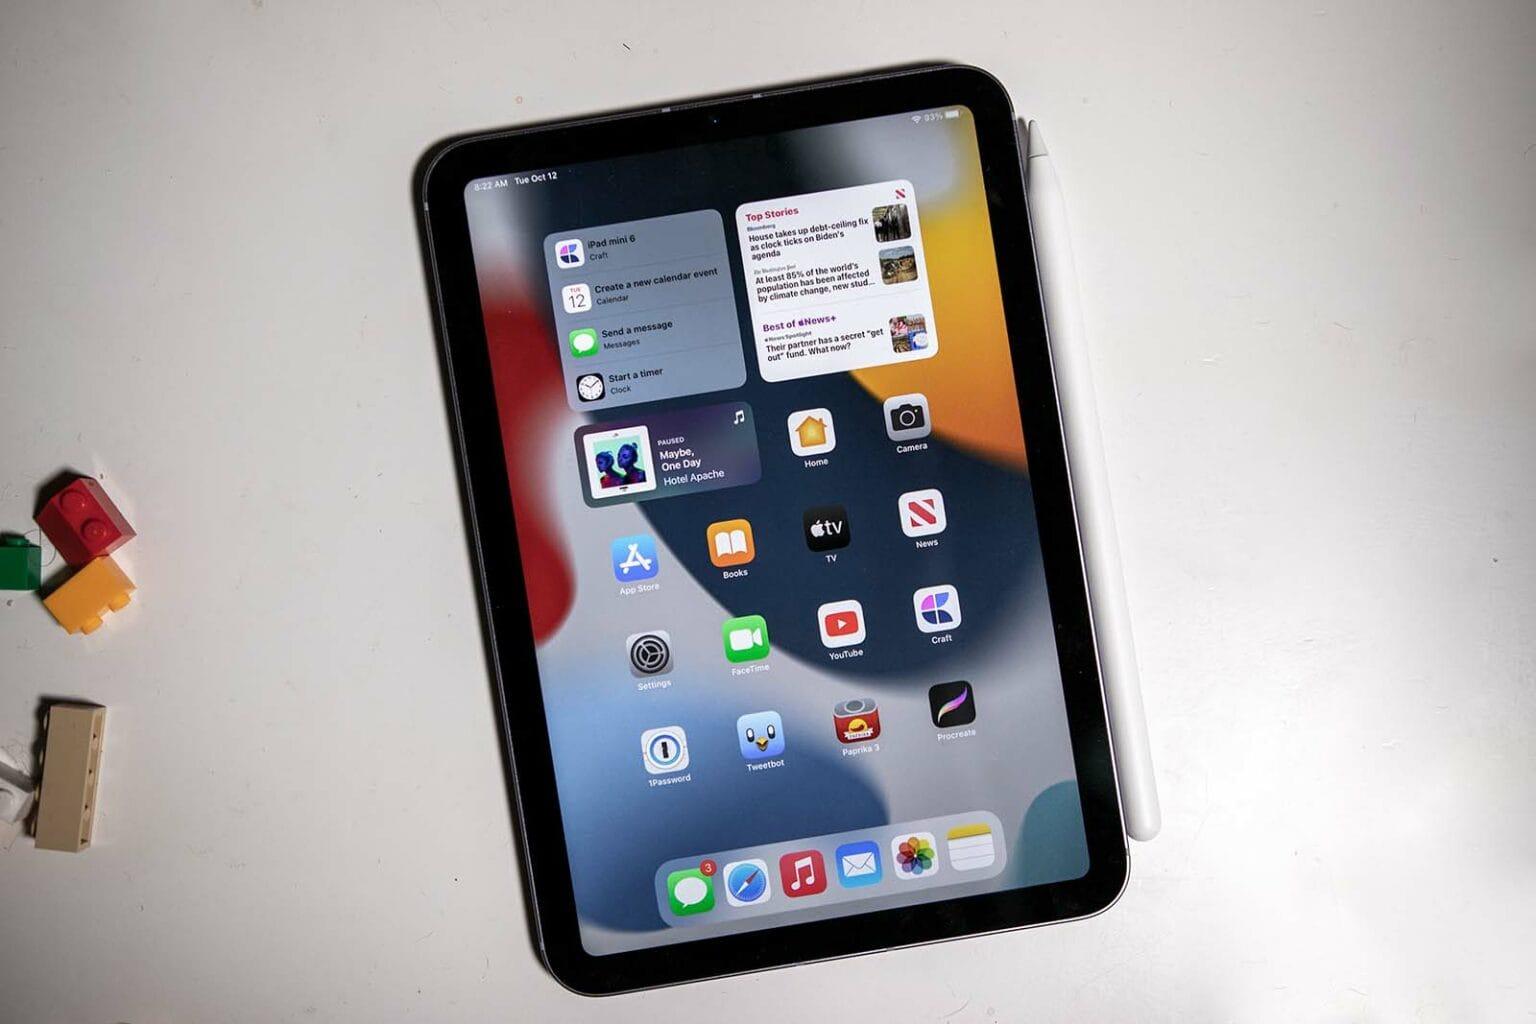 iPad mini on table